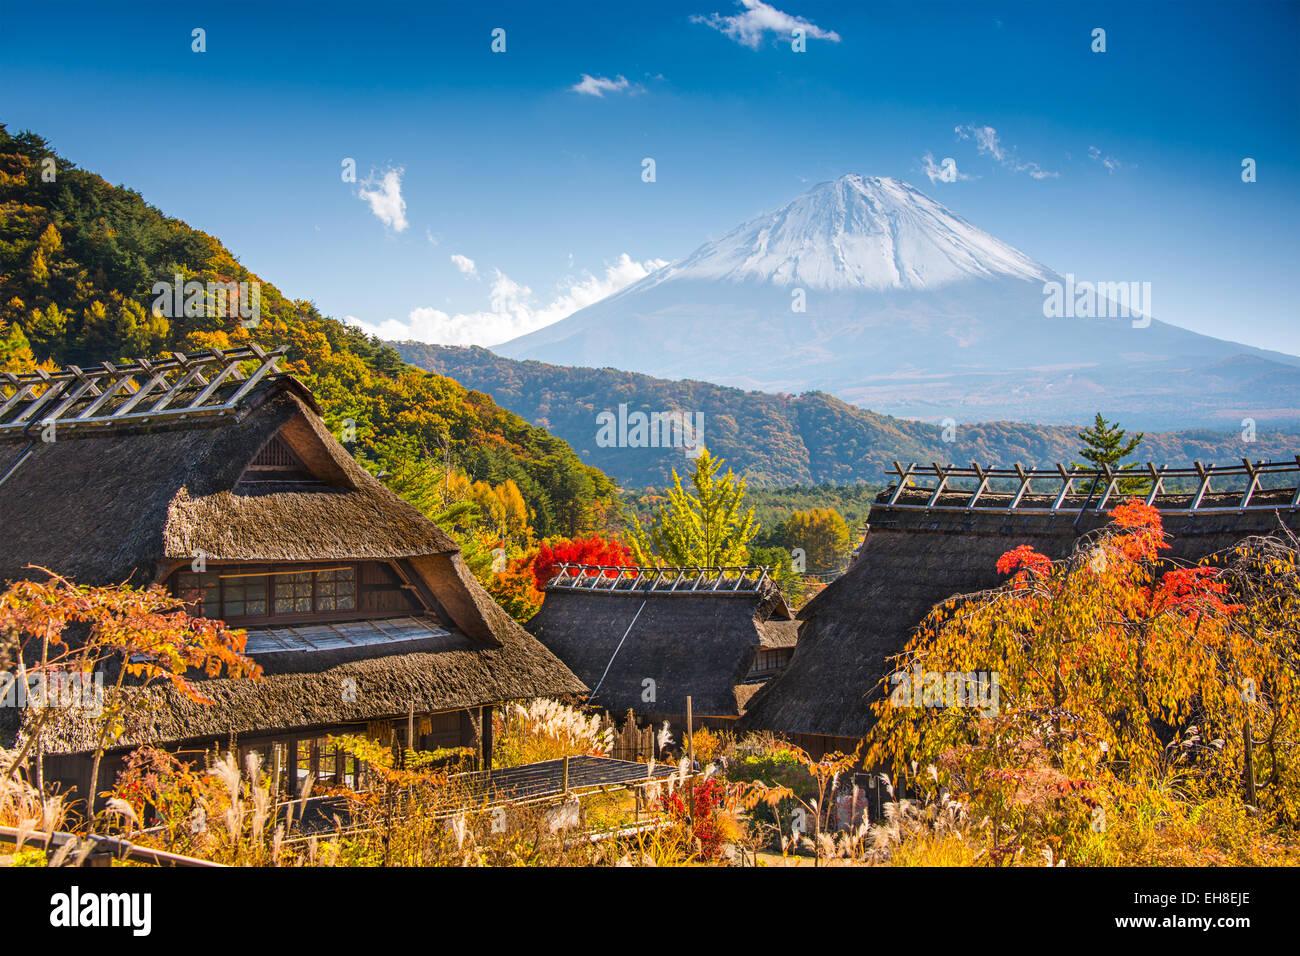 Iyashi-no-sato aldea con Mt. Fuji en Japón. Imagen De Stock